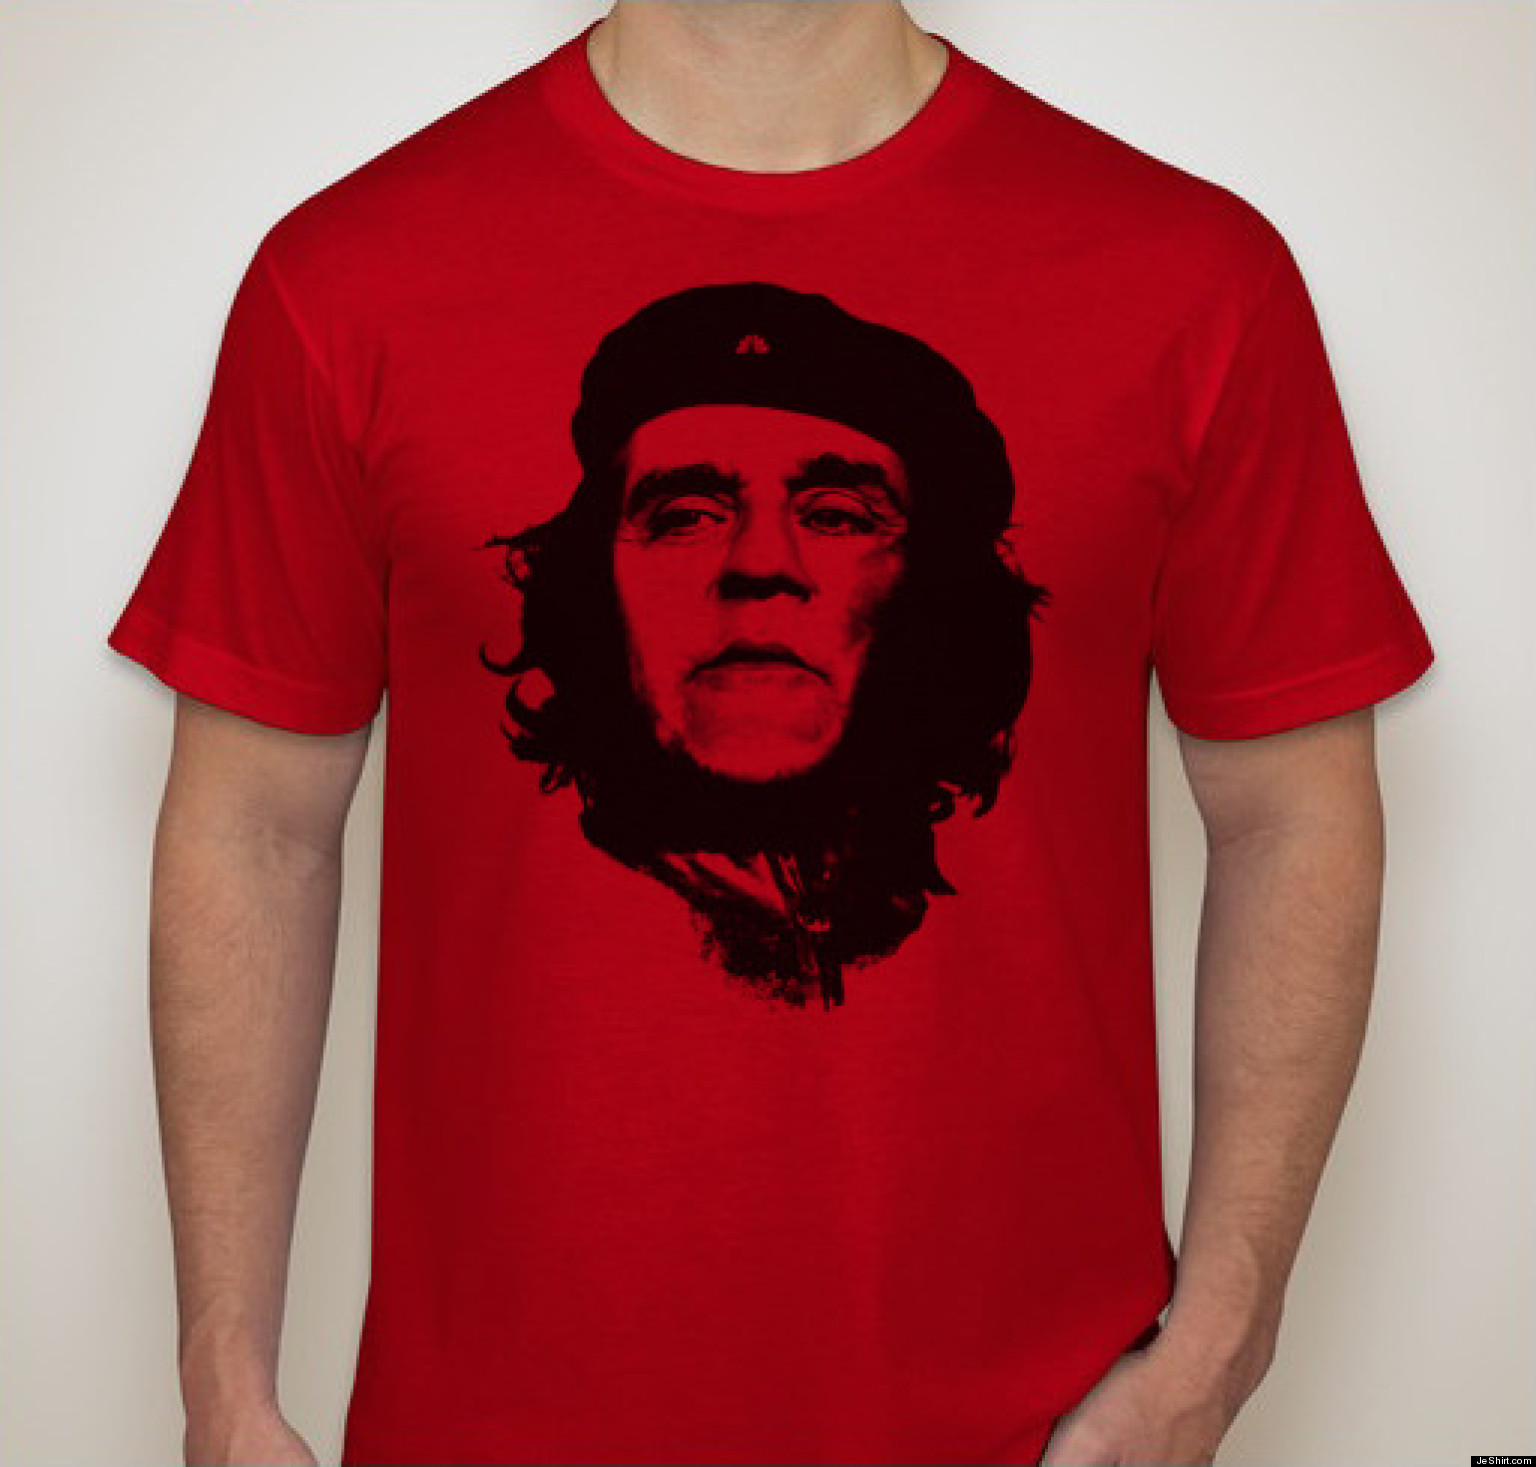 39che leno39 shirts bring jay leno and che guevara together for Che guevara t shirts